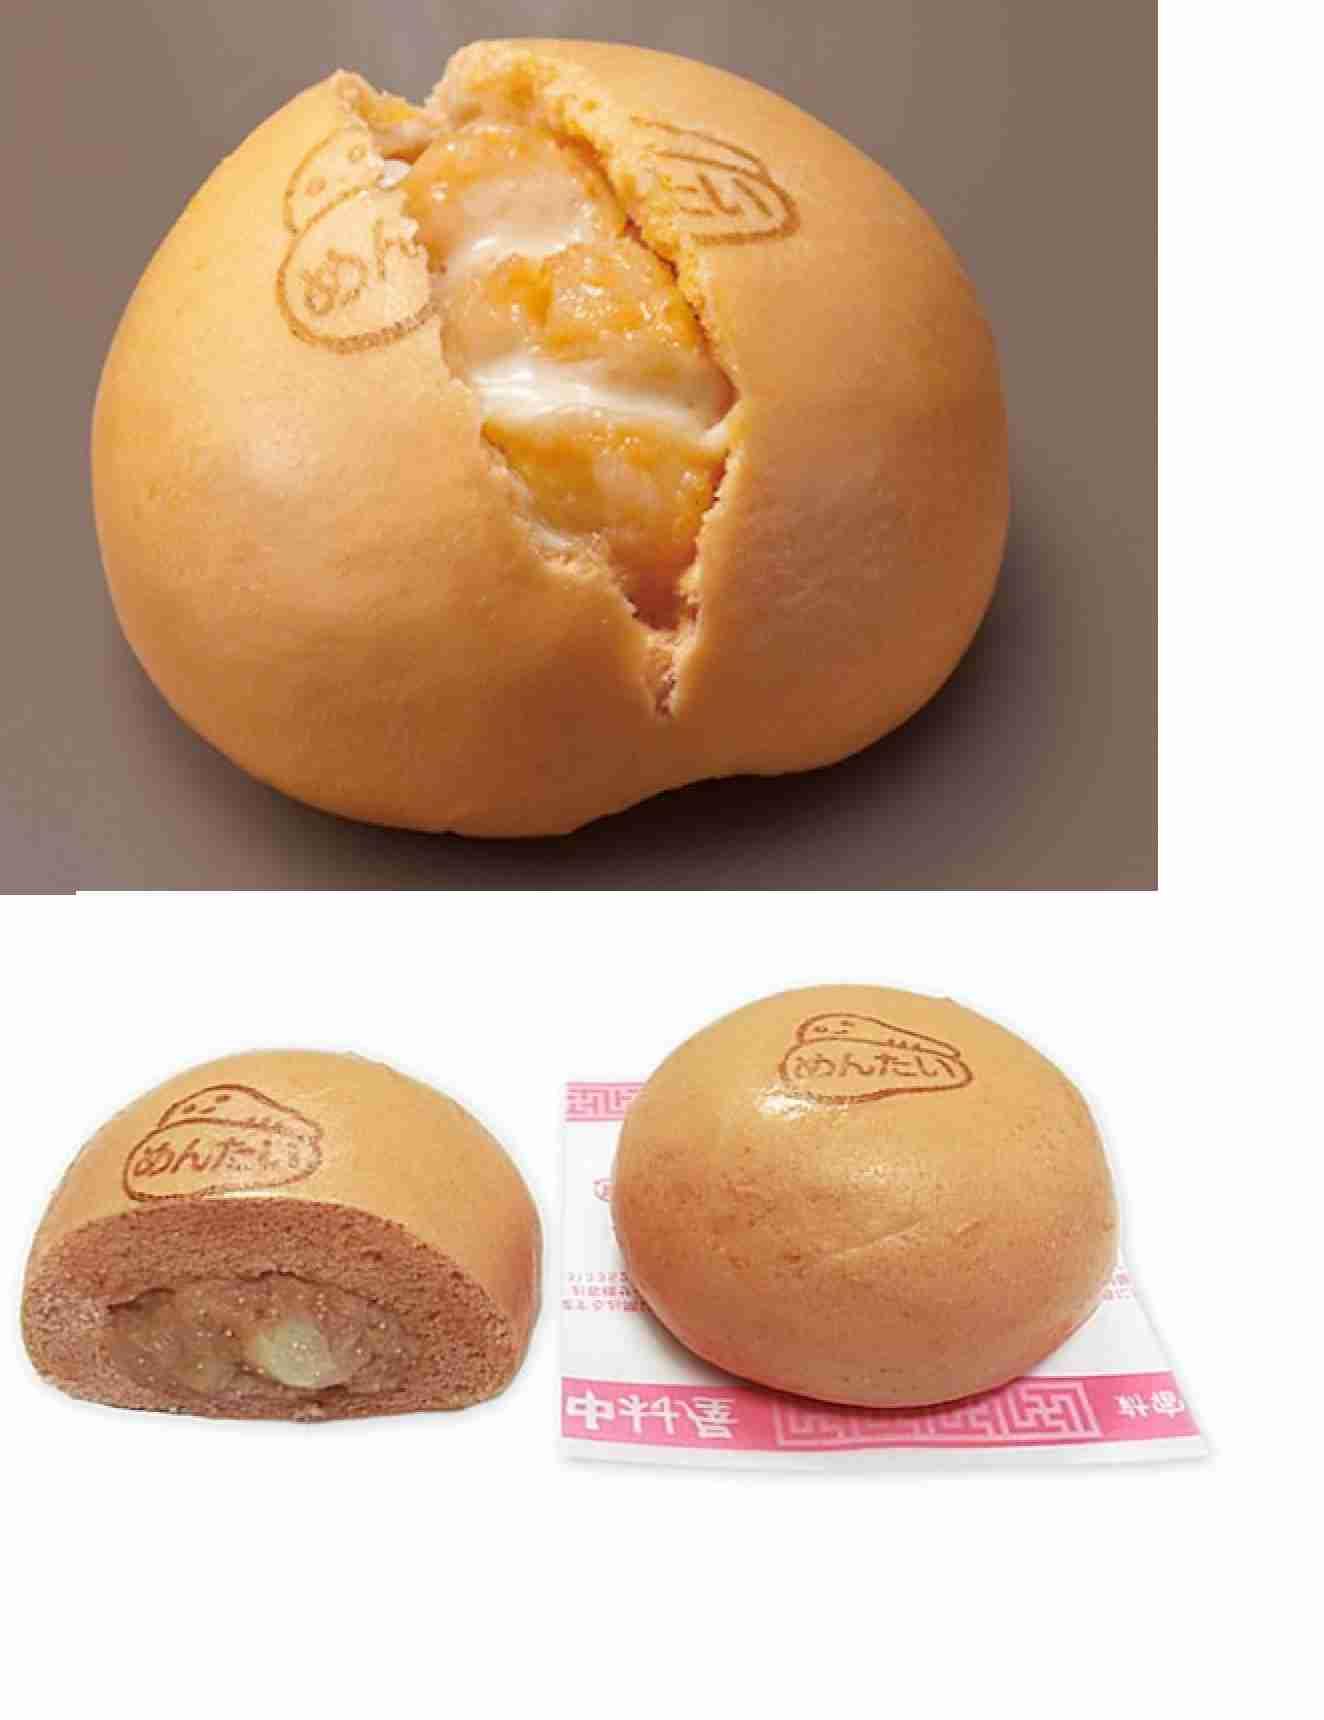 絶妙な味わい!セブンイレブンから「明太チーズポテトまん」新発売